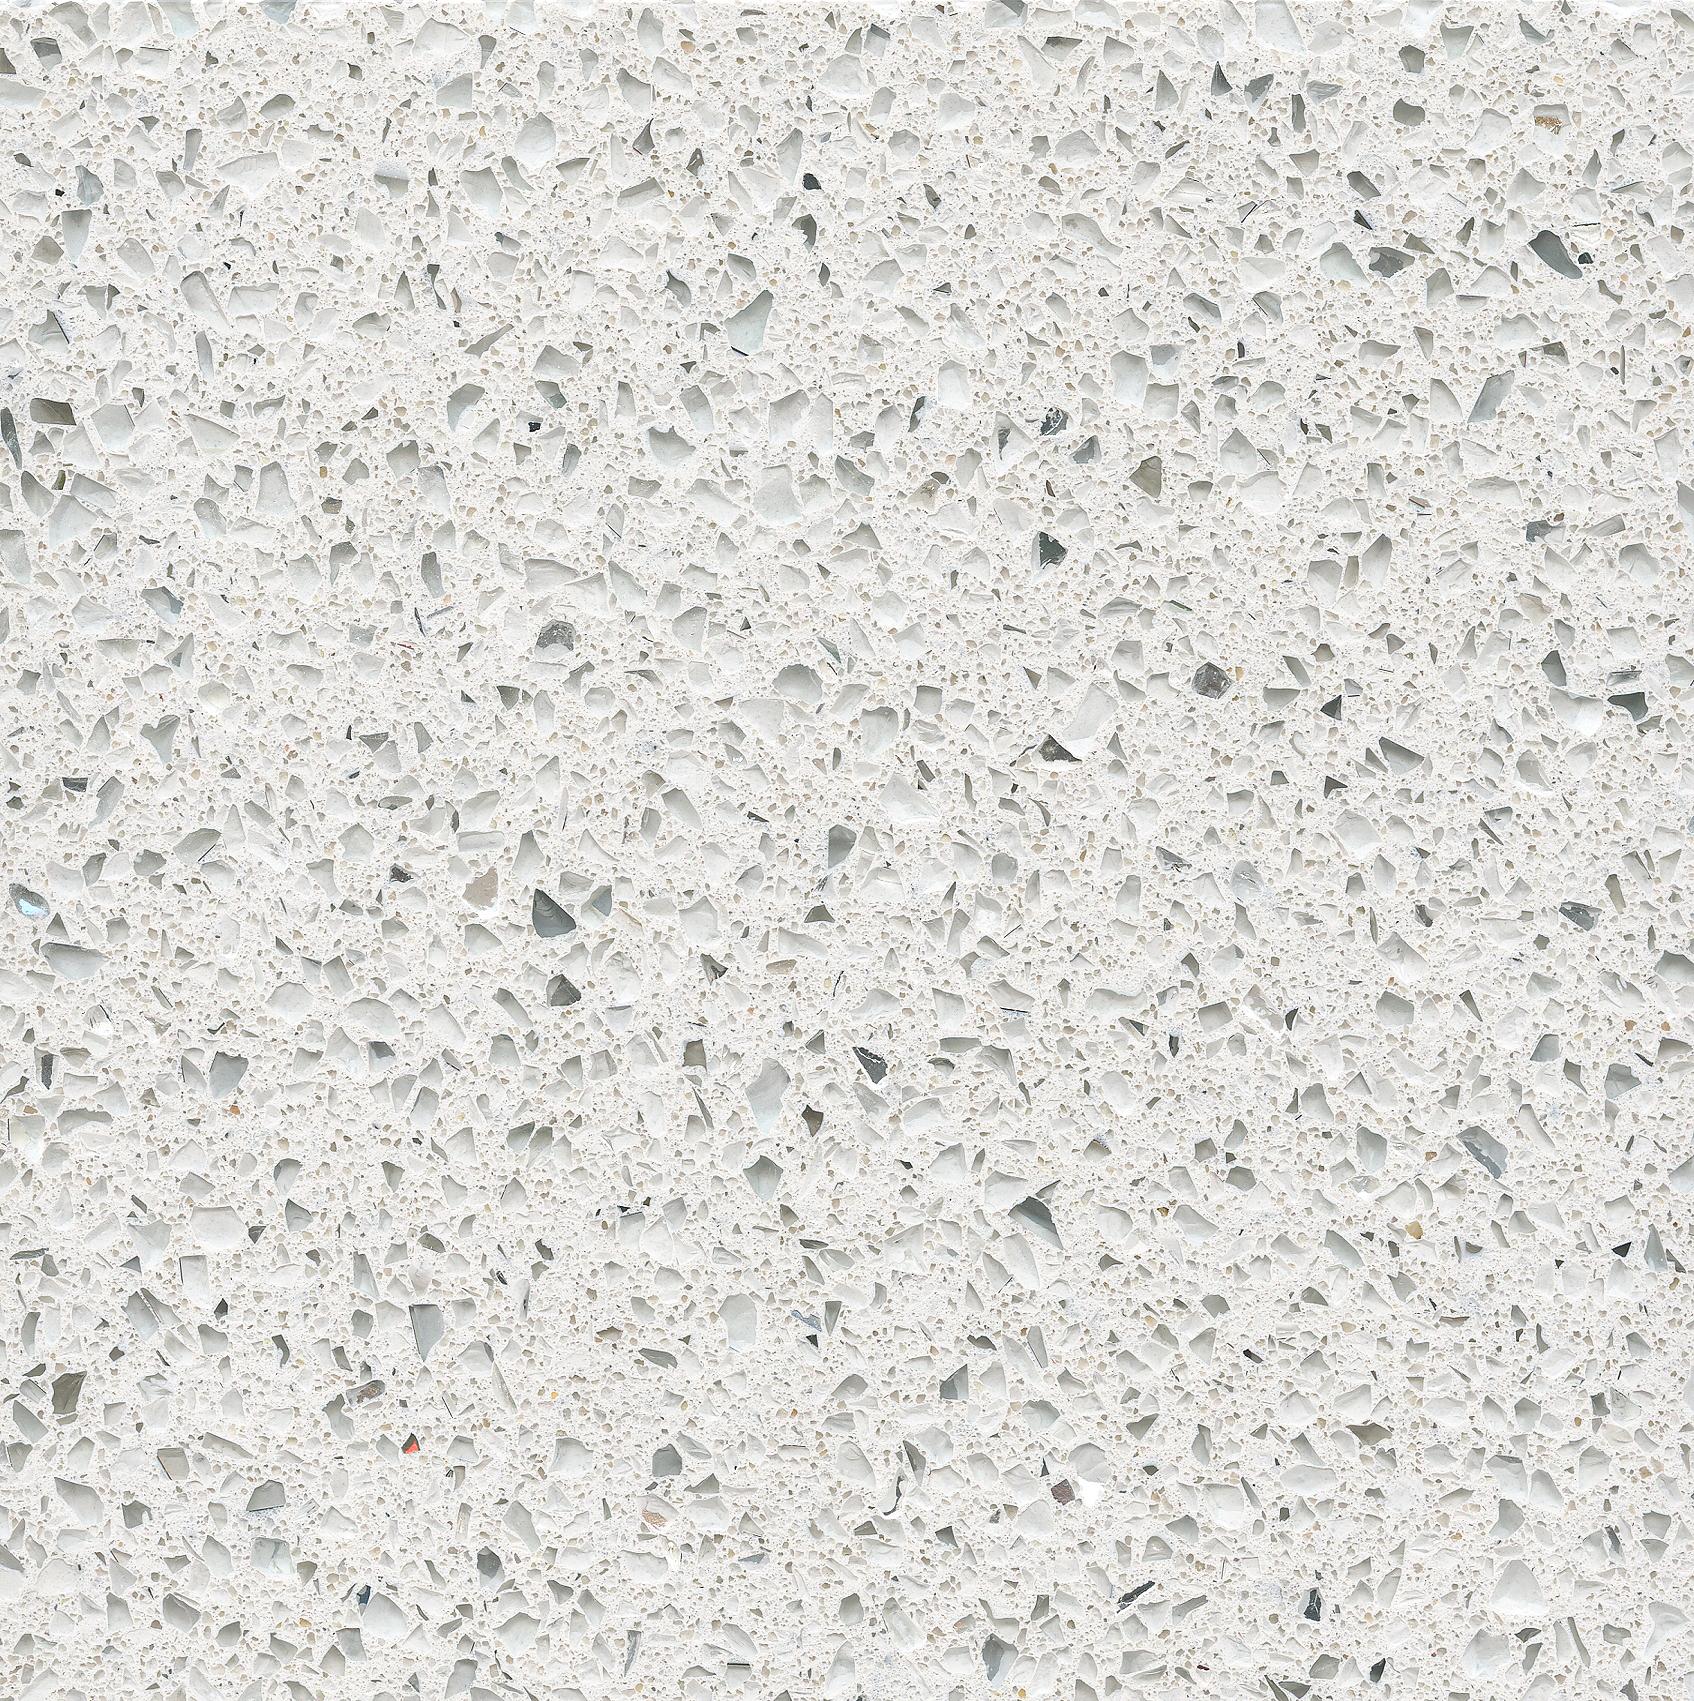 Plan De Travail Granit Noir Zimbabwe Satine La Teste De Buch 33260